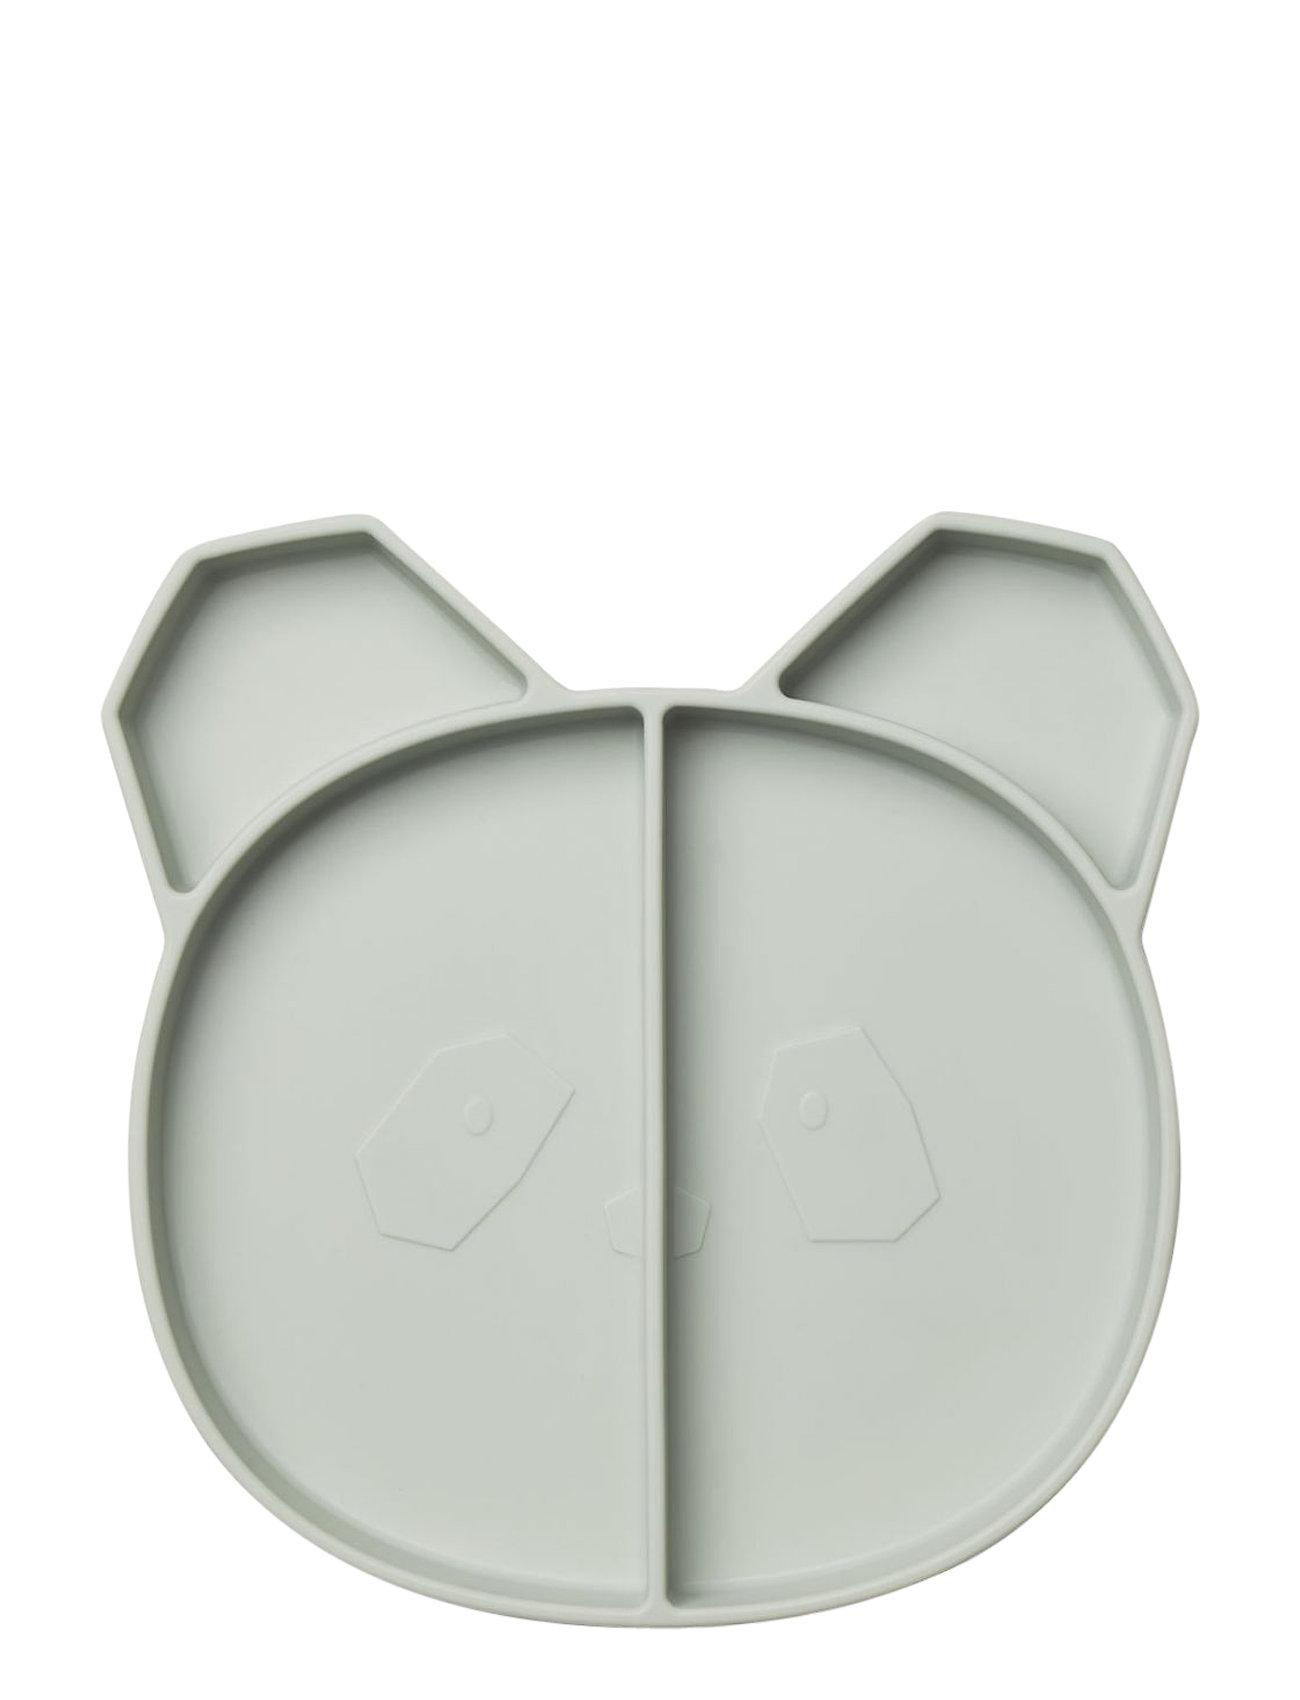 Liewood Maddox multi plate - PANDA DUSTY MINT